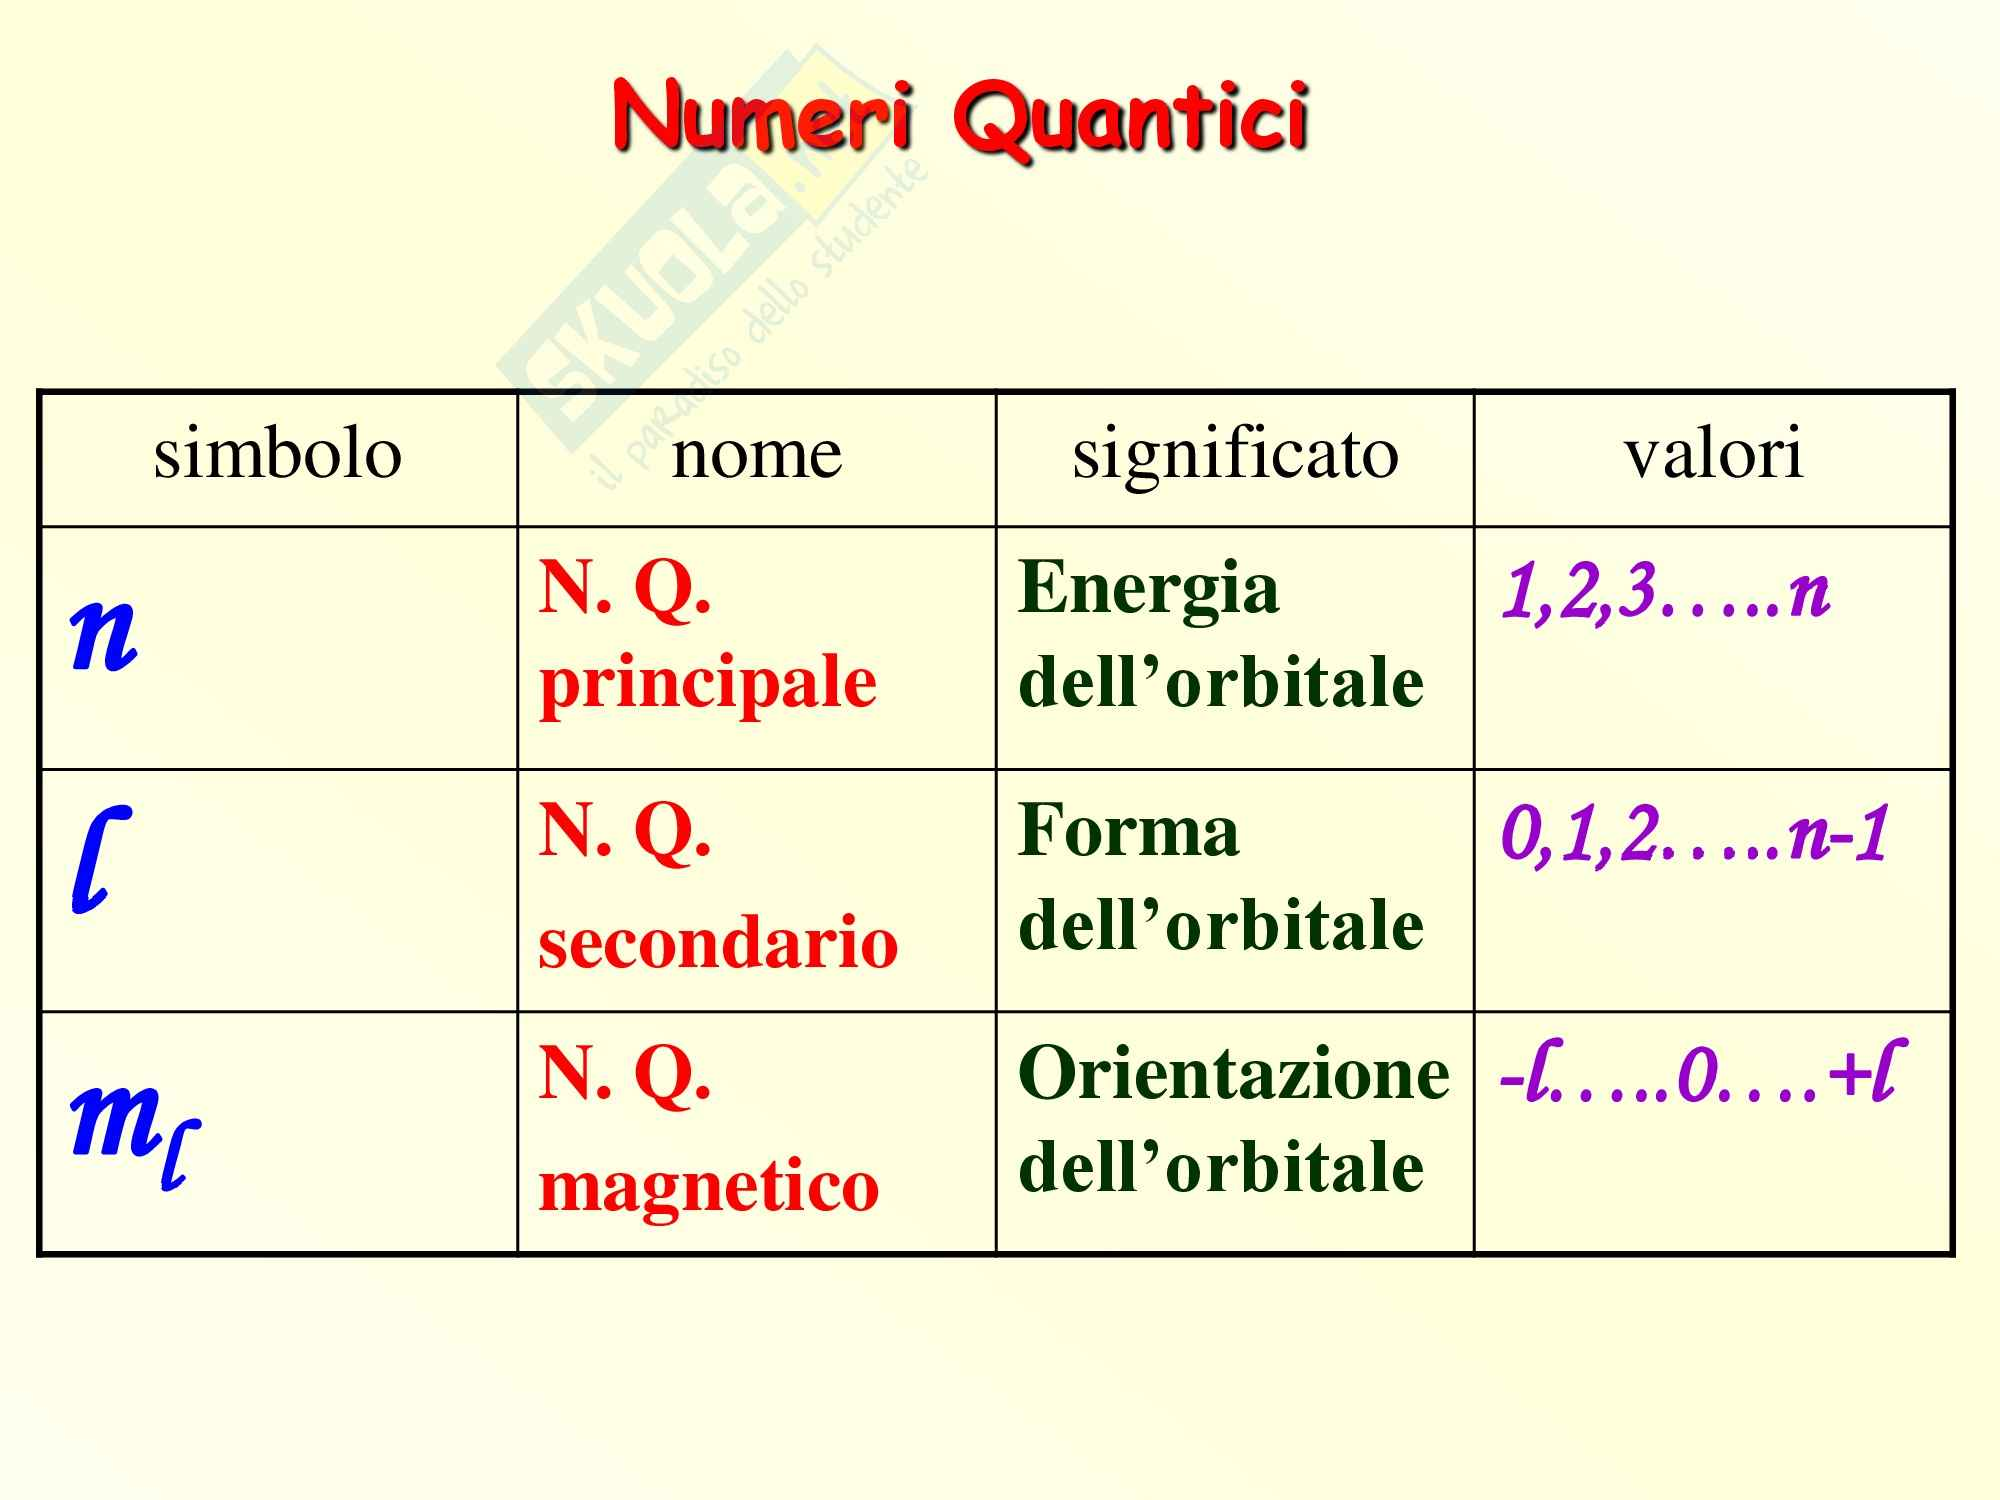 Chimica inorganica - numeri quantici e funzioni d'onda Pag. 6